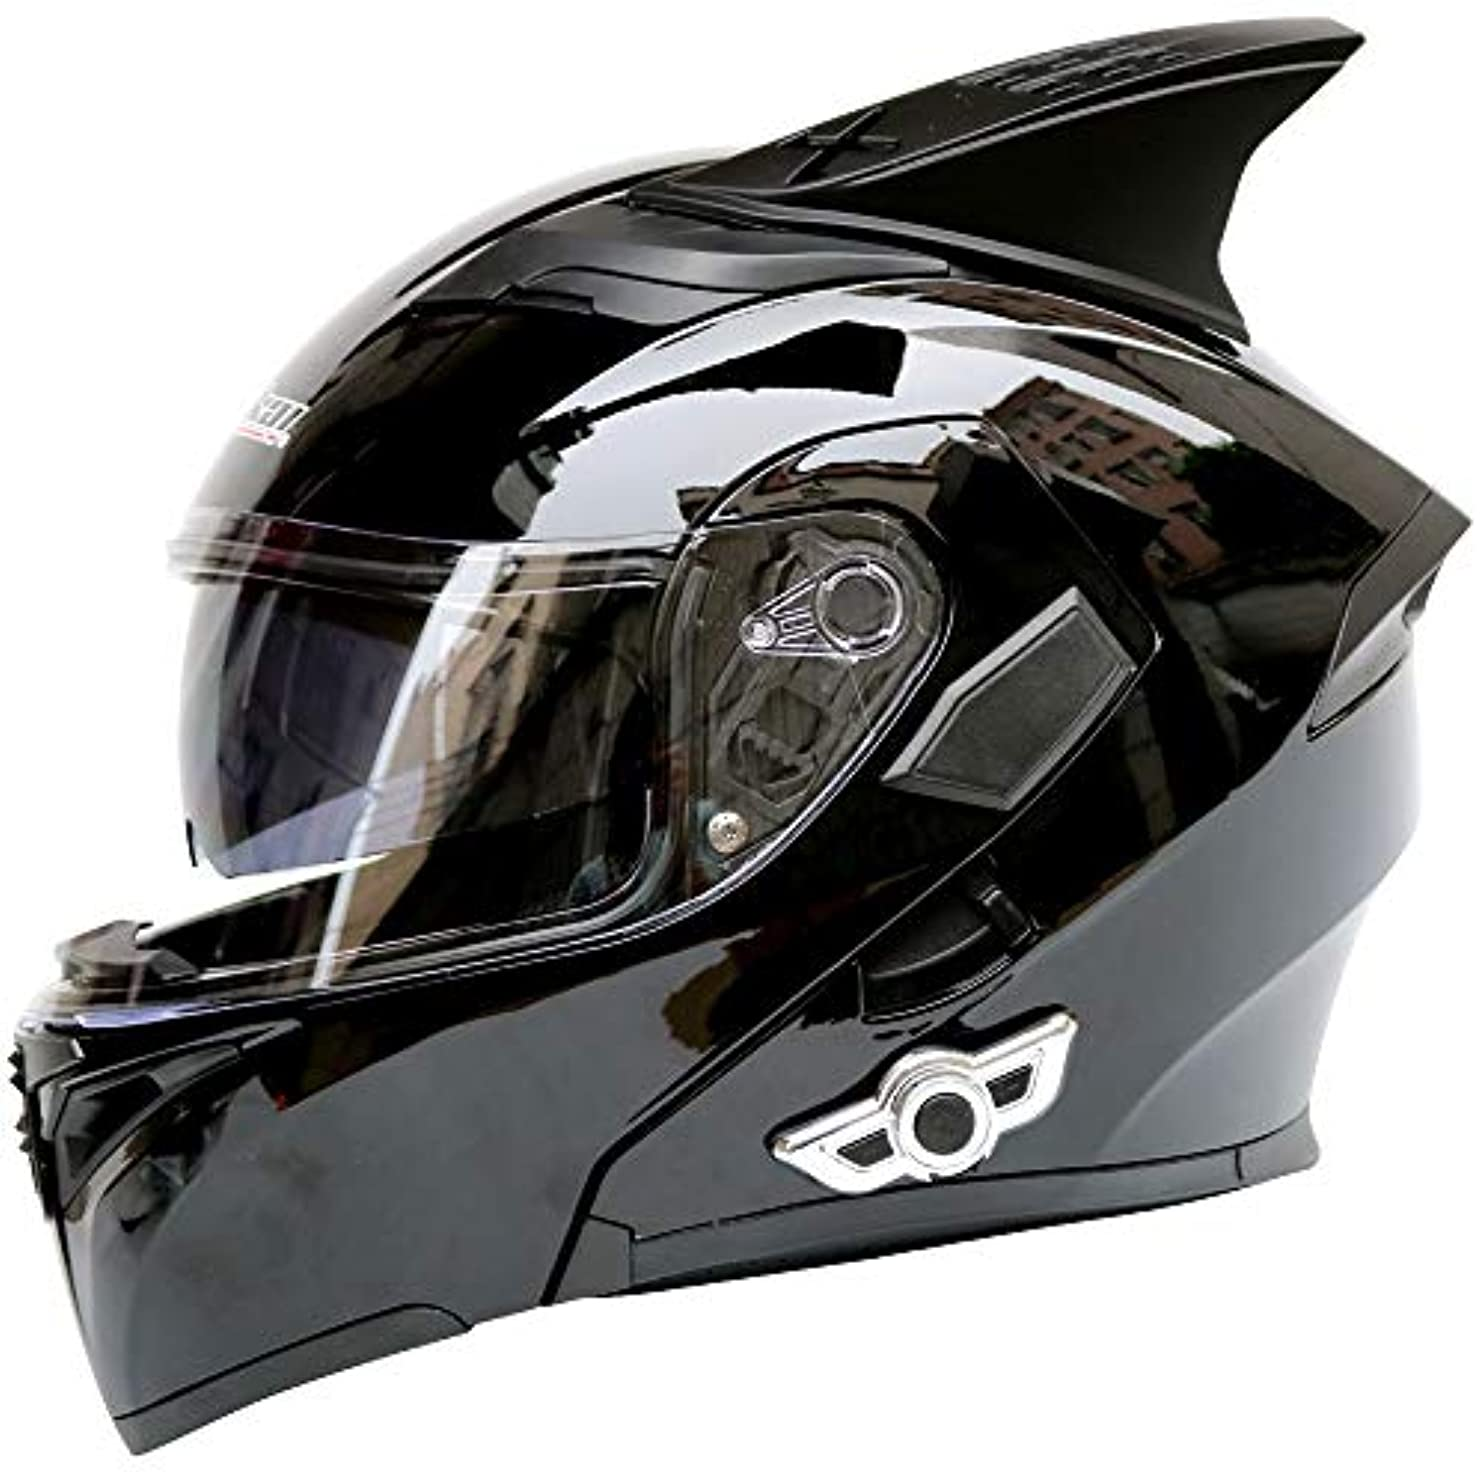 おなじみの考古学者外交官HYH 電動オートバイヘルメット車のBluetoothヘルメットダブルレンズオープンフェイスヘルメットオートバイヘルメット角 - 明るい黒 - 大 いい人生 (Size : L)